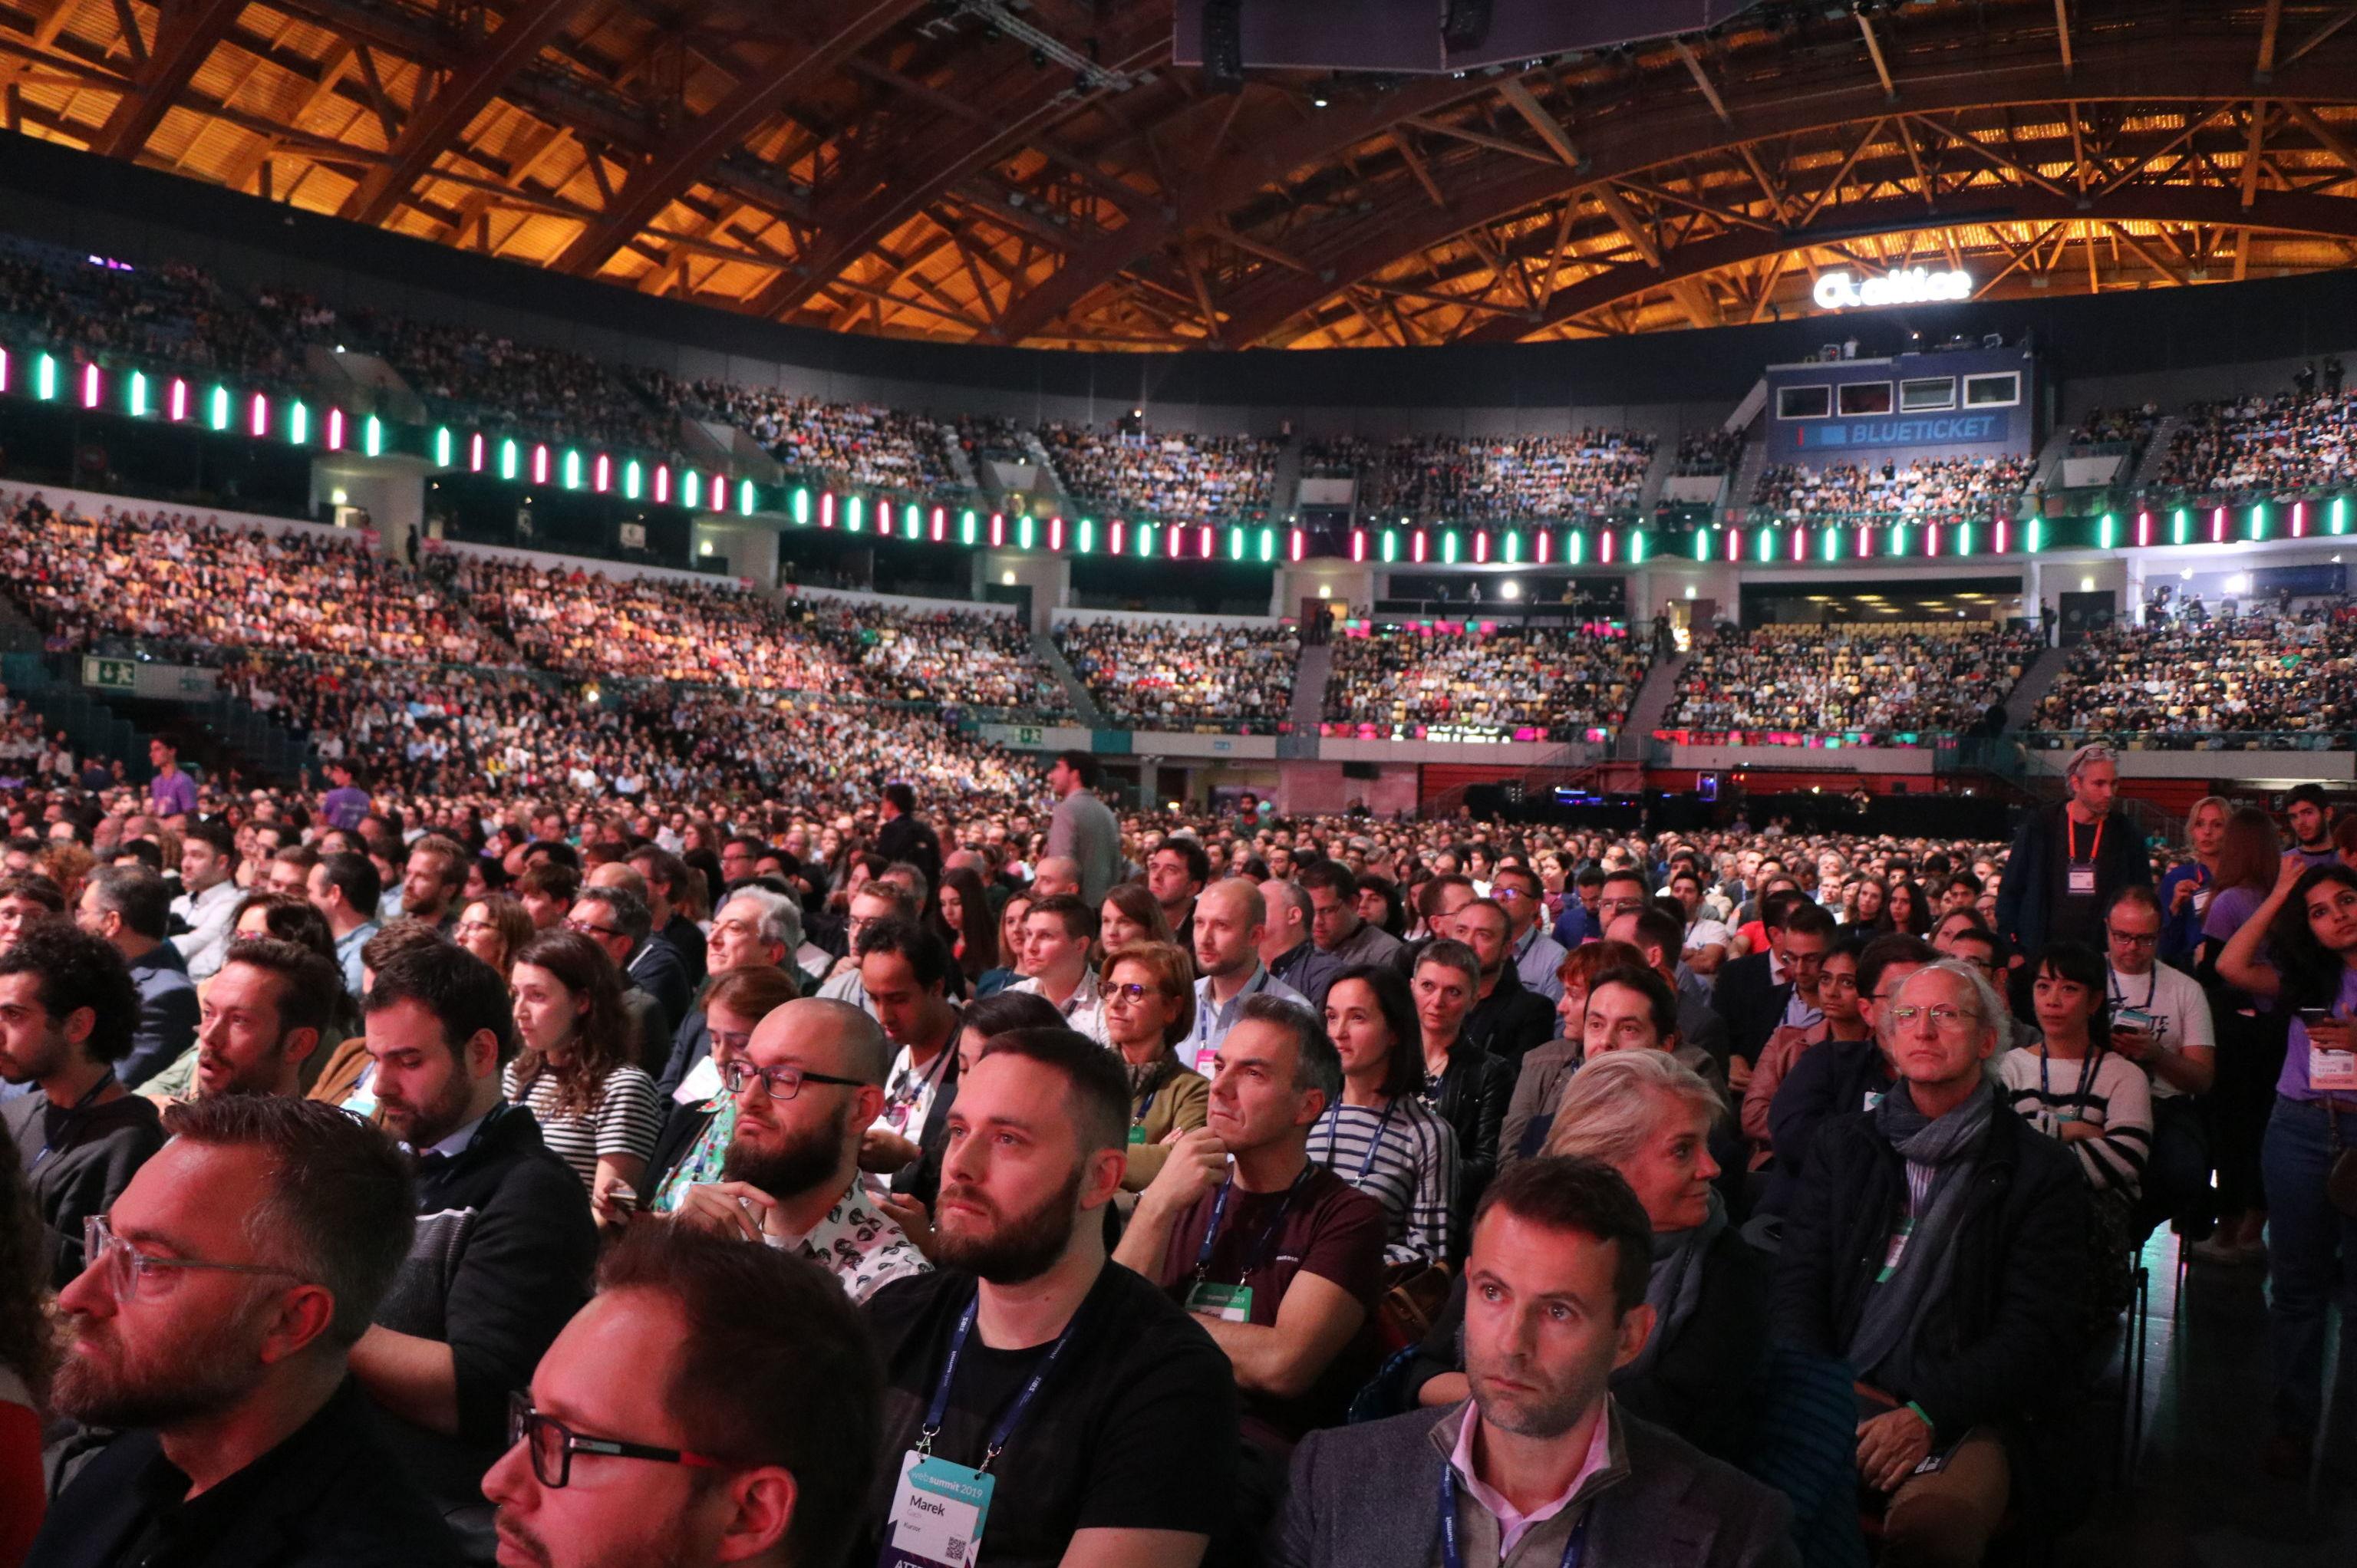 Altice Arena lotada em Lisboa para a Web Summit 2019.